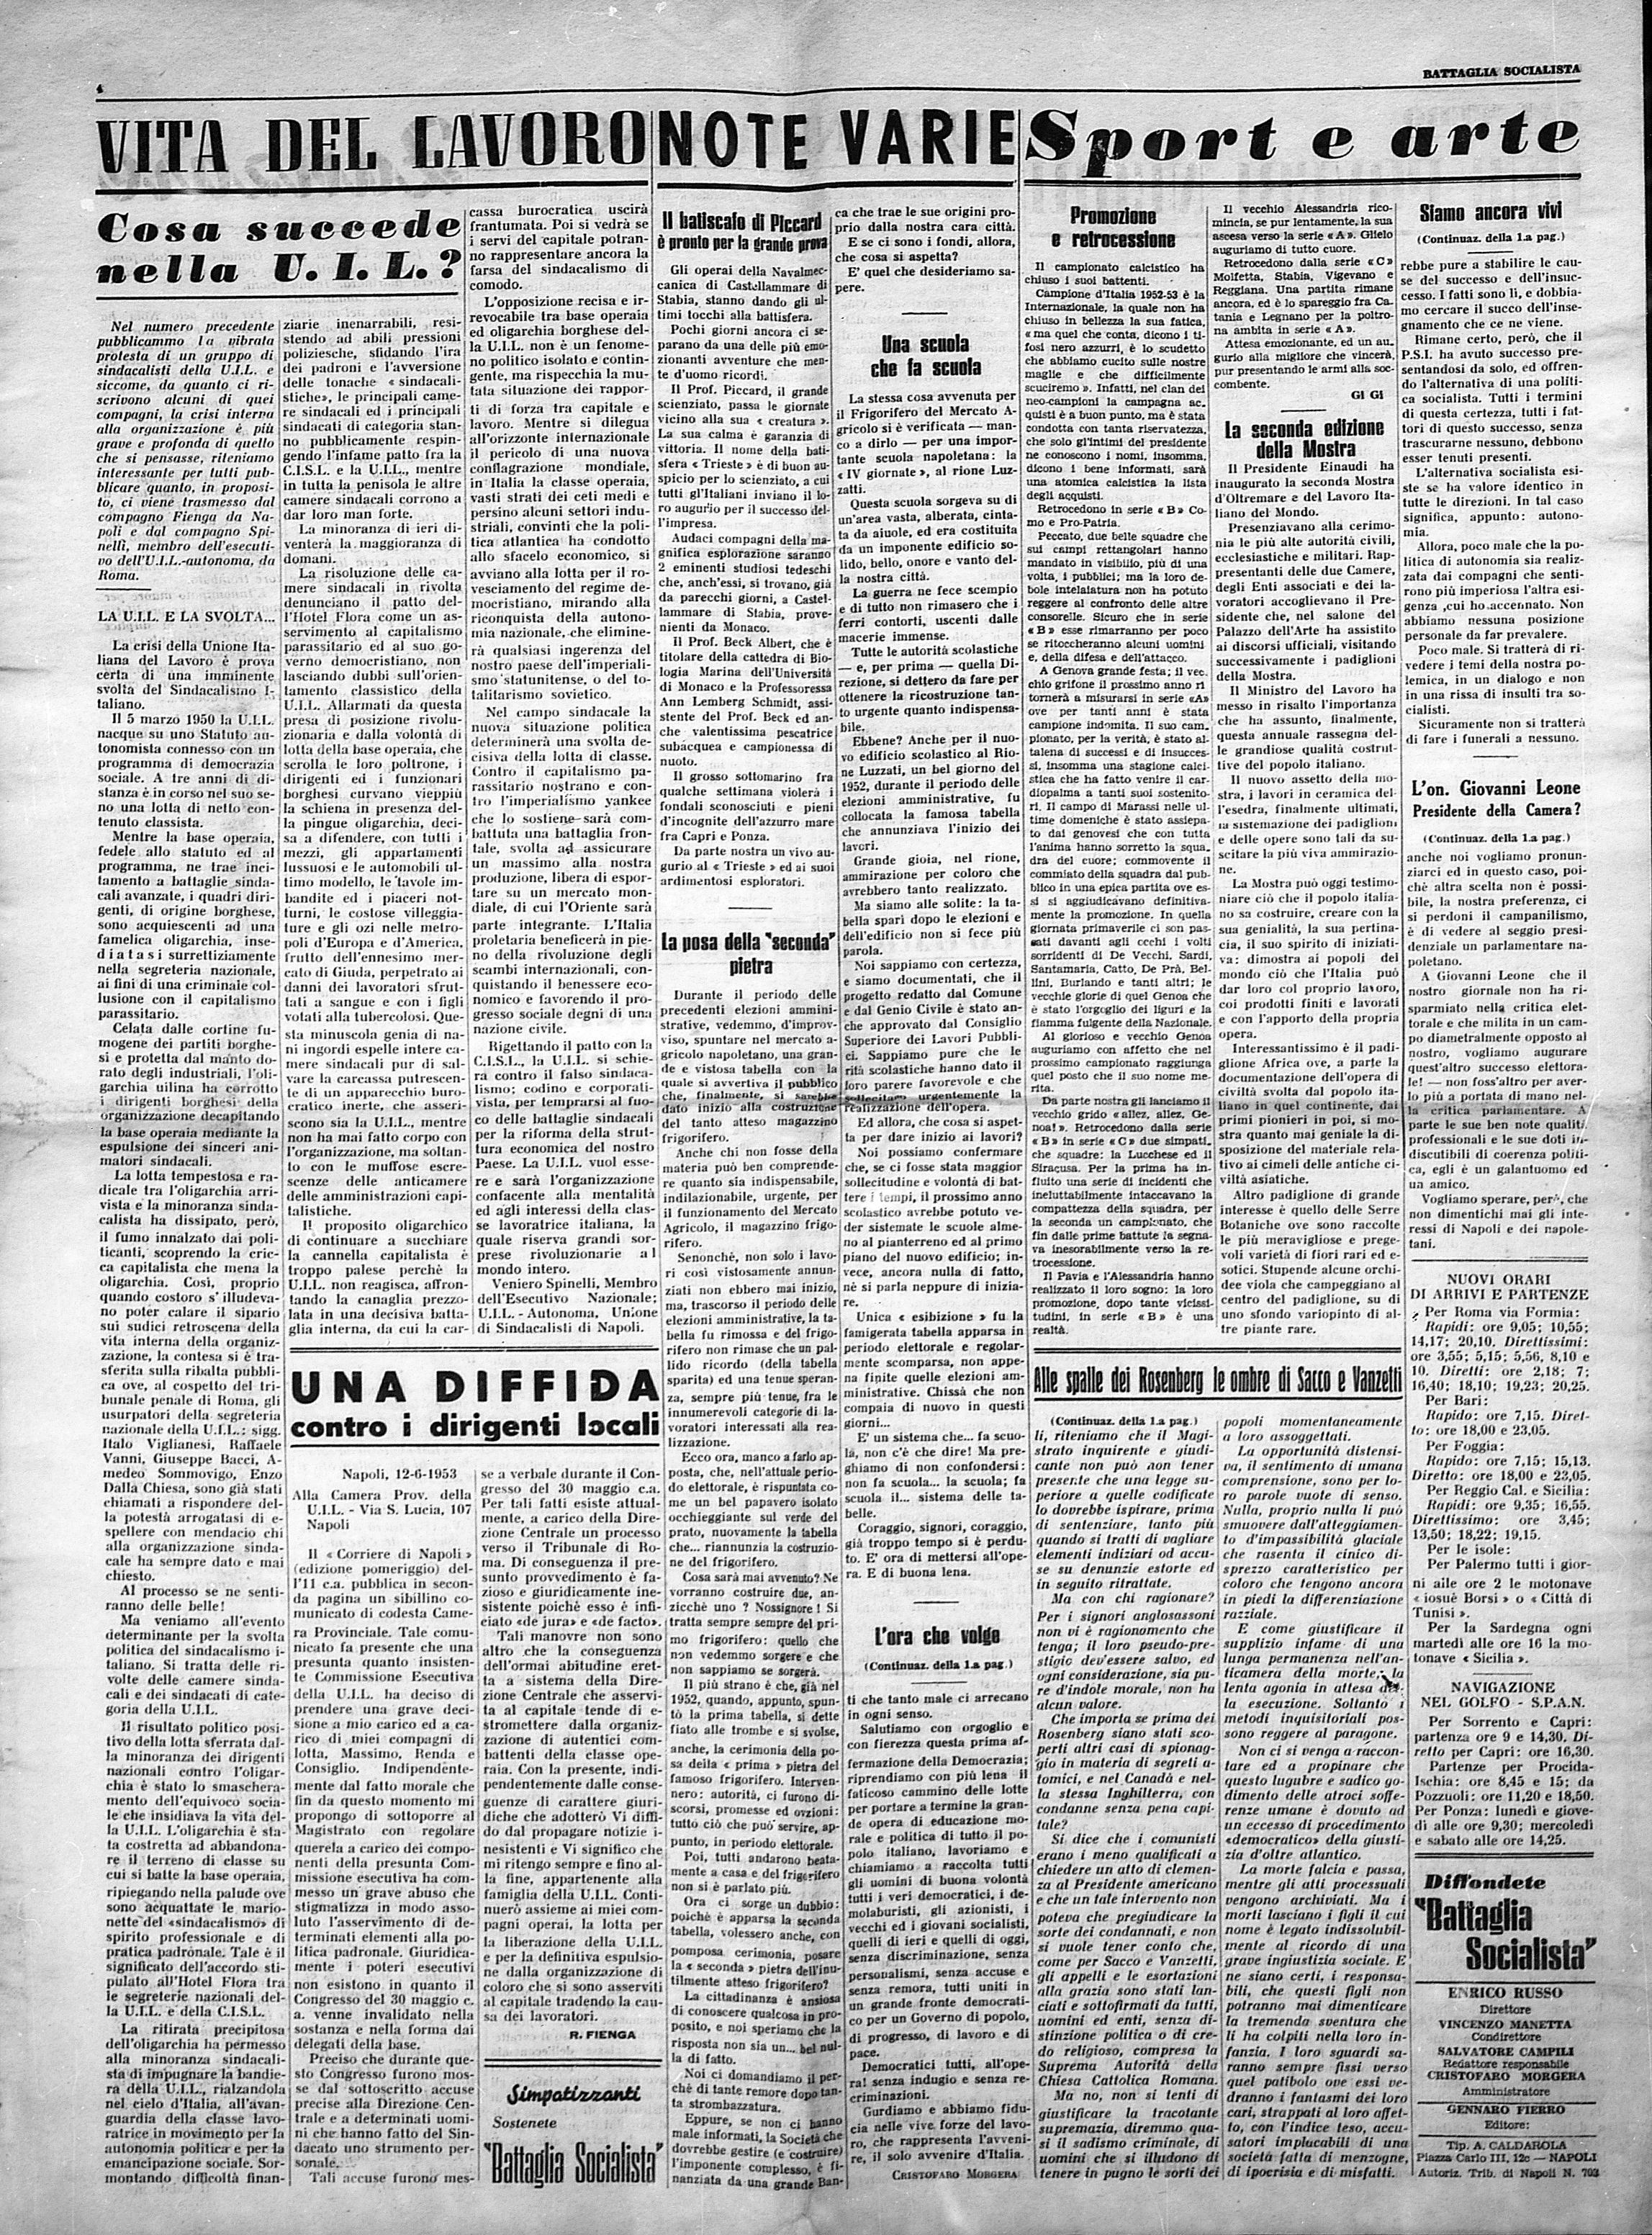 Battaglia Socialista n. 3 giugno 1953 - pag. 4